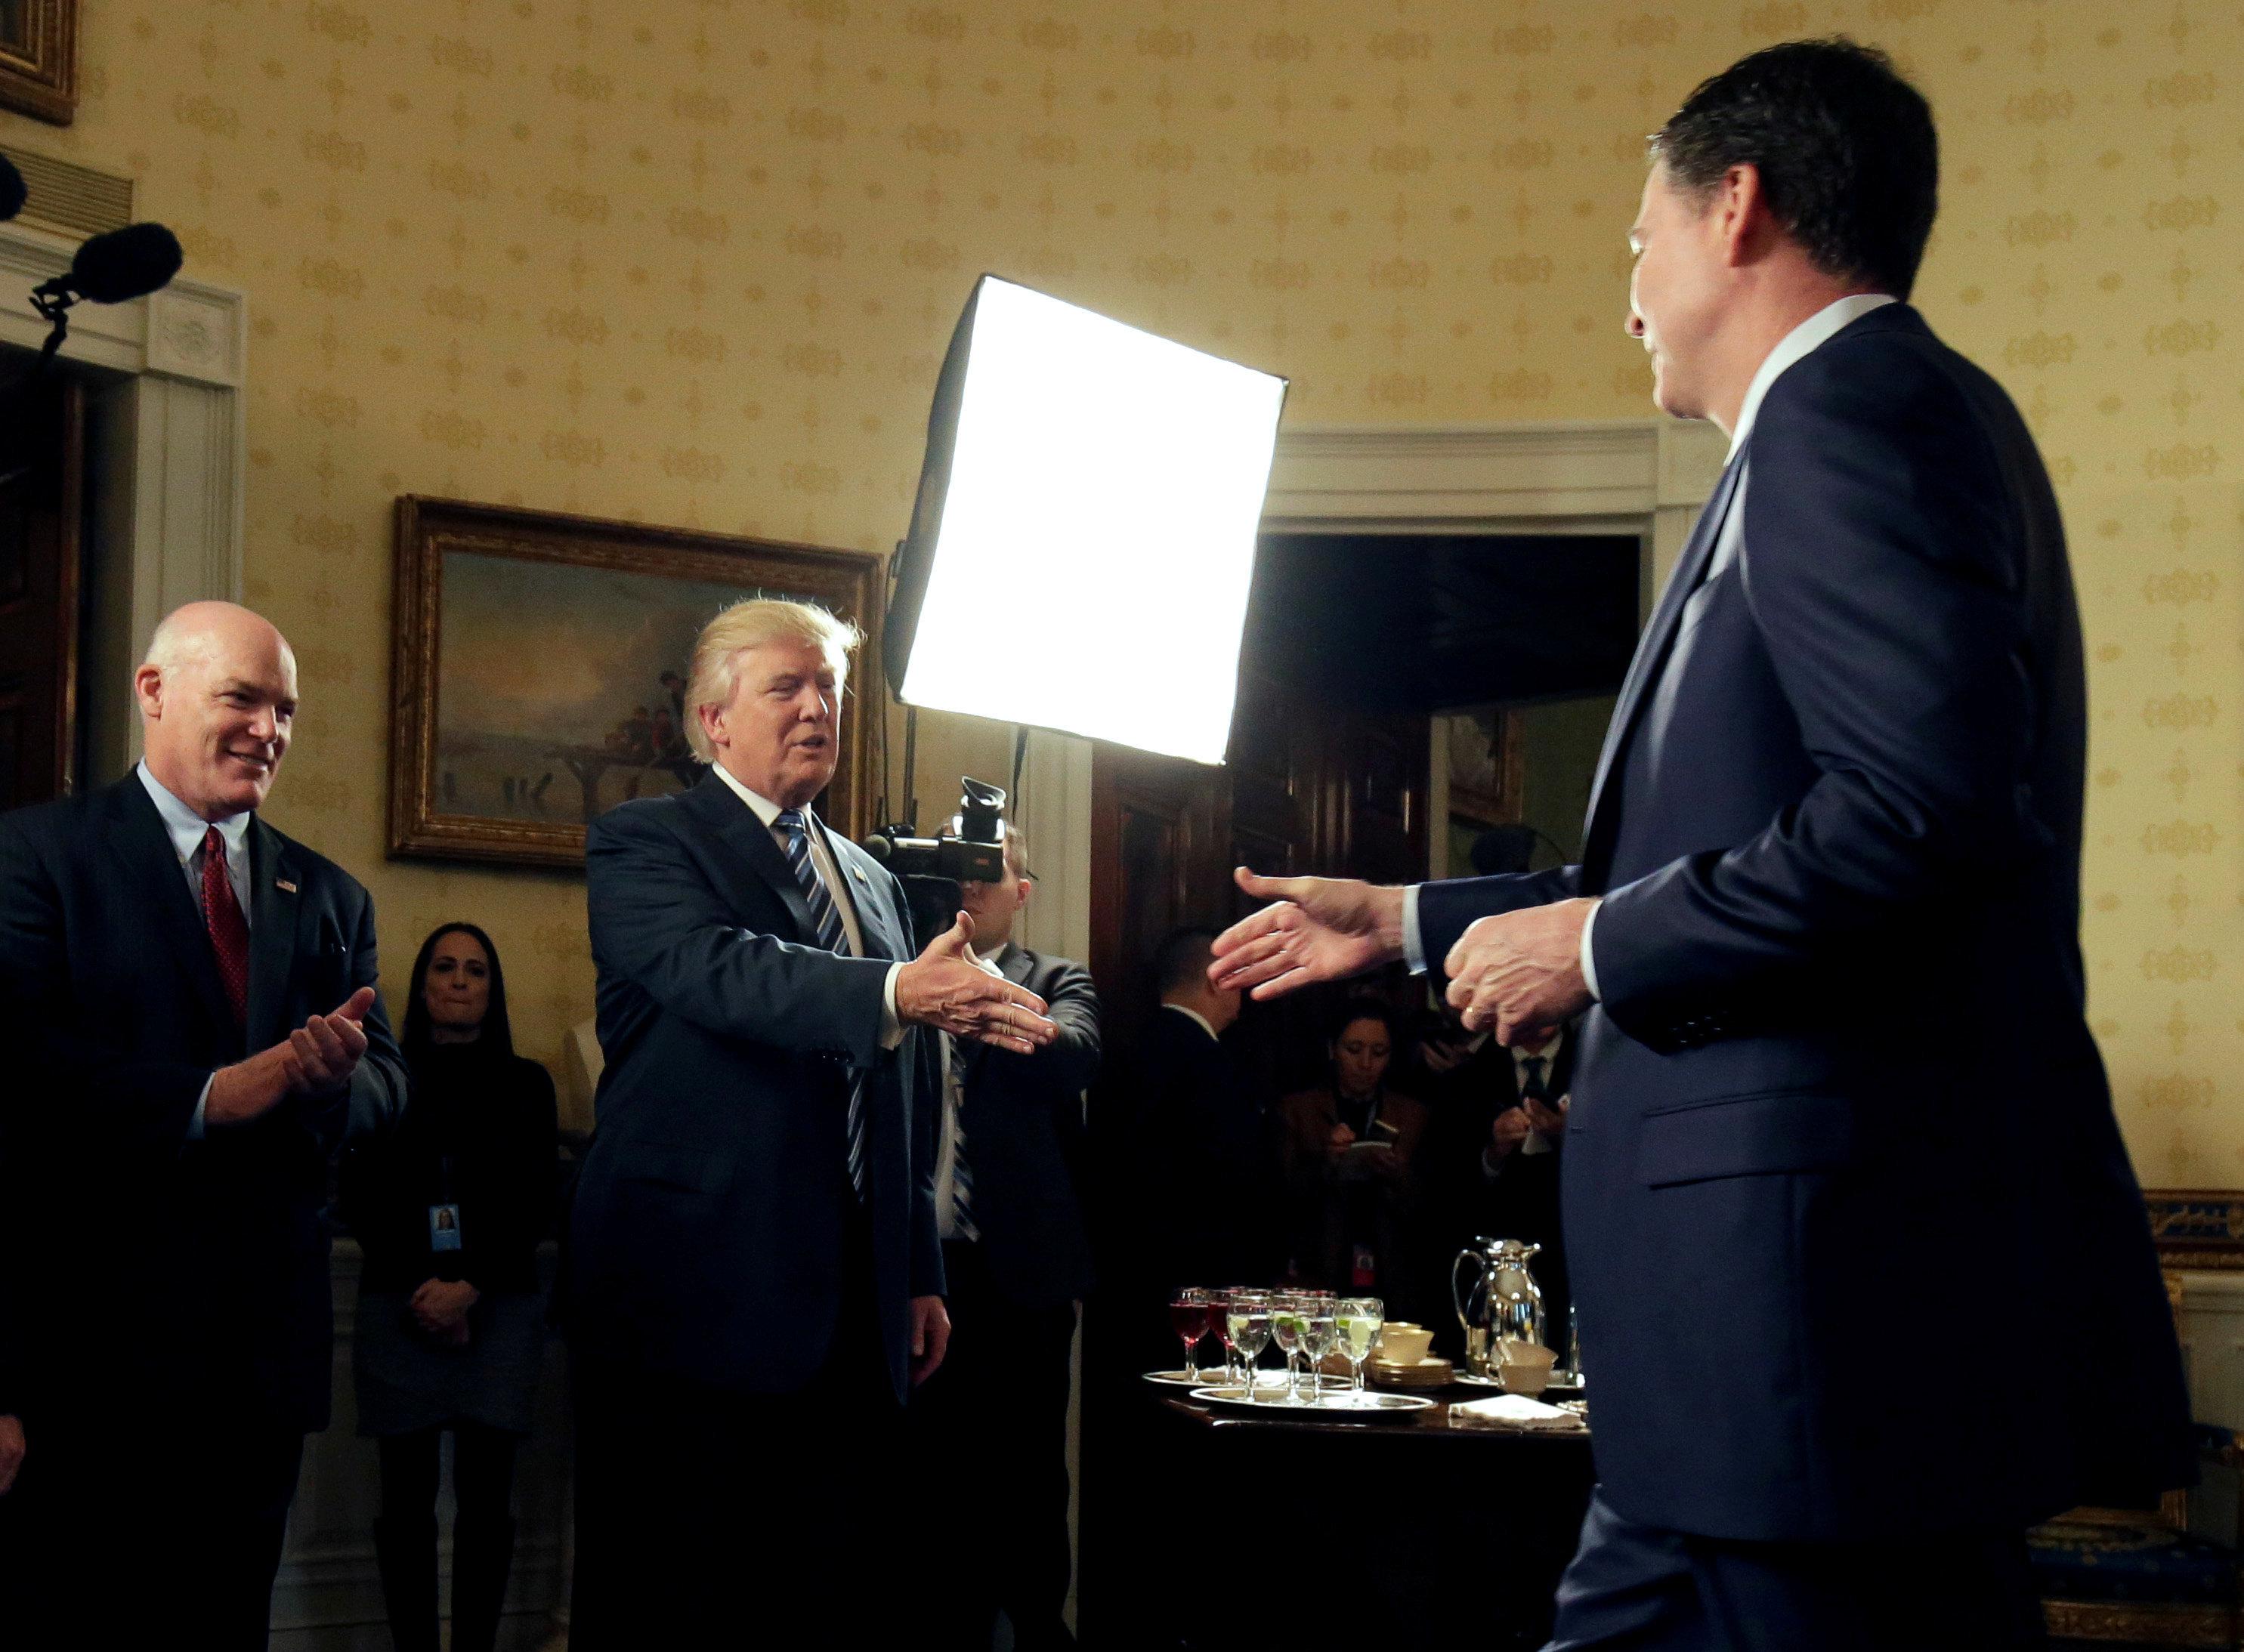 Präsident Donald Trump und der damalige FBI-Direktor James Comey bei einem Treffen kurz nach den